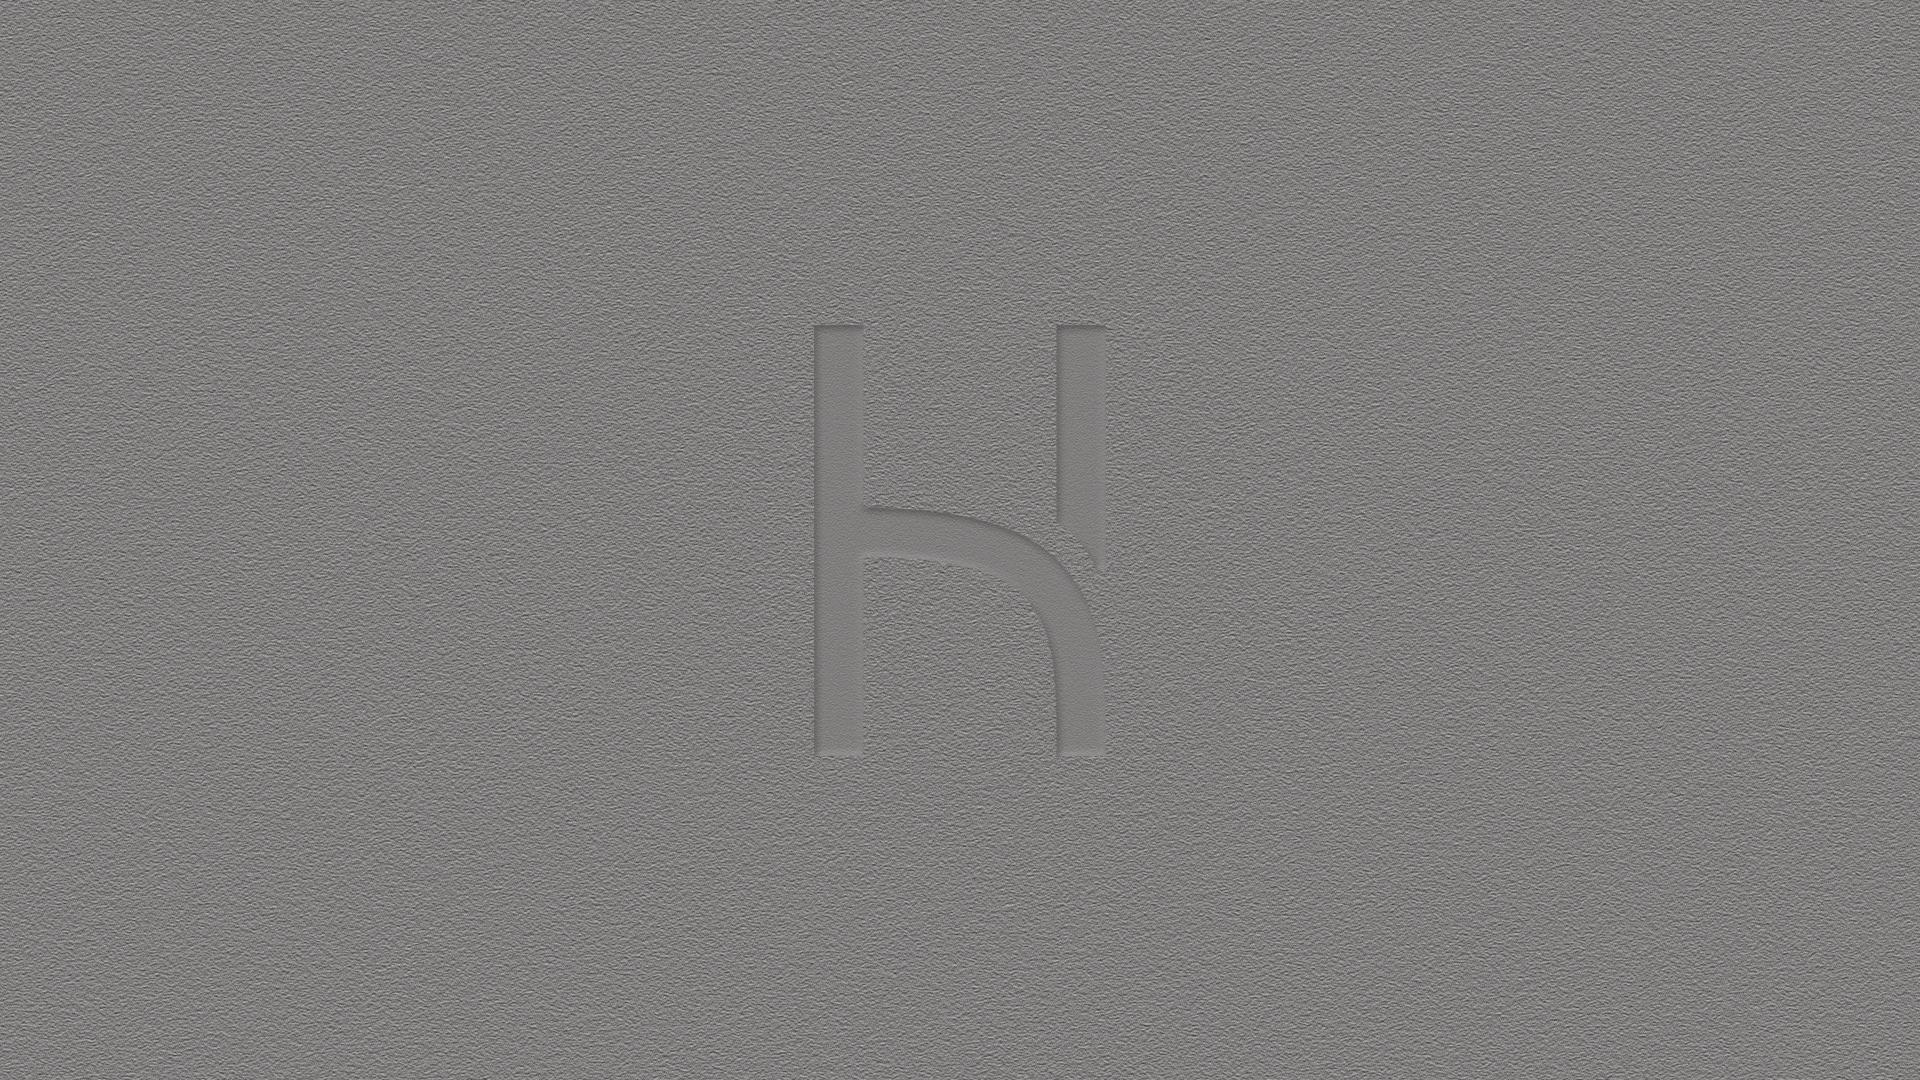 HDESIGN设计有限公司